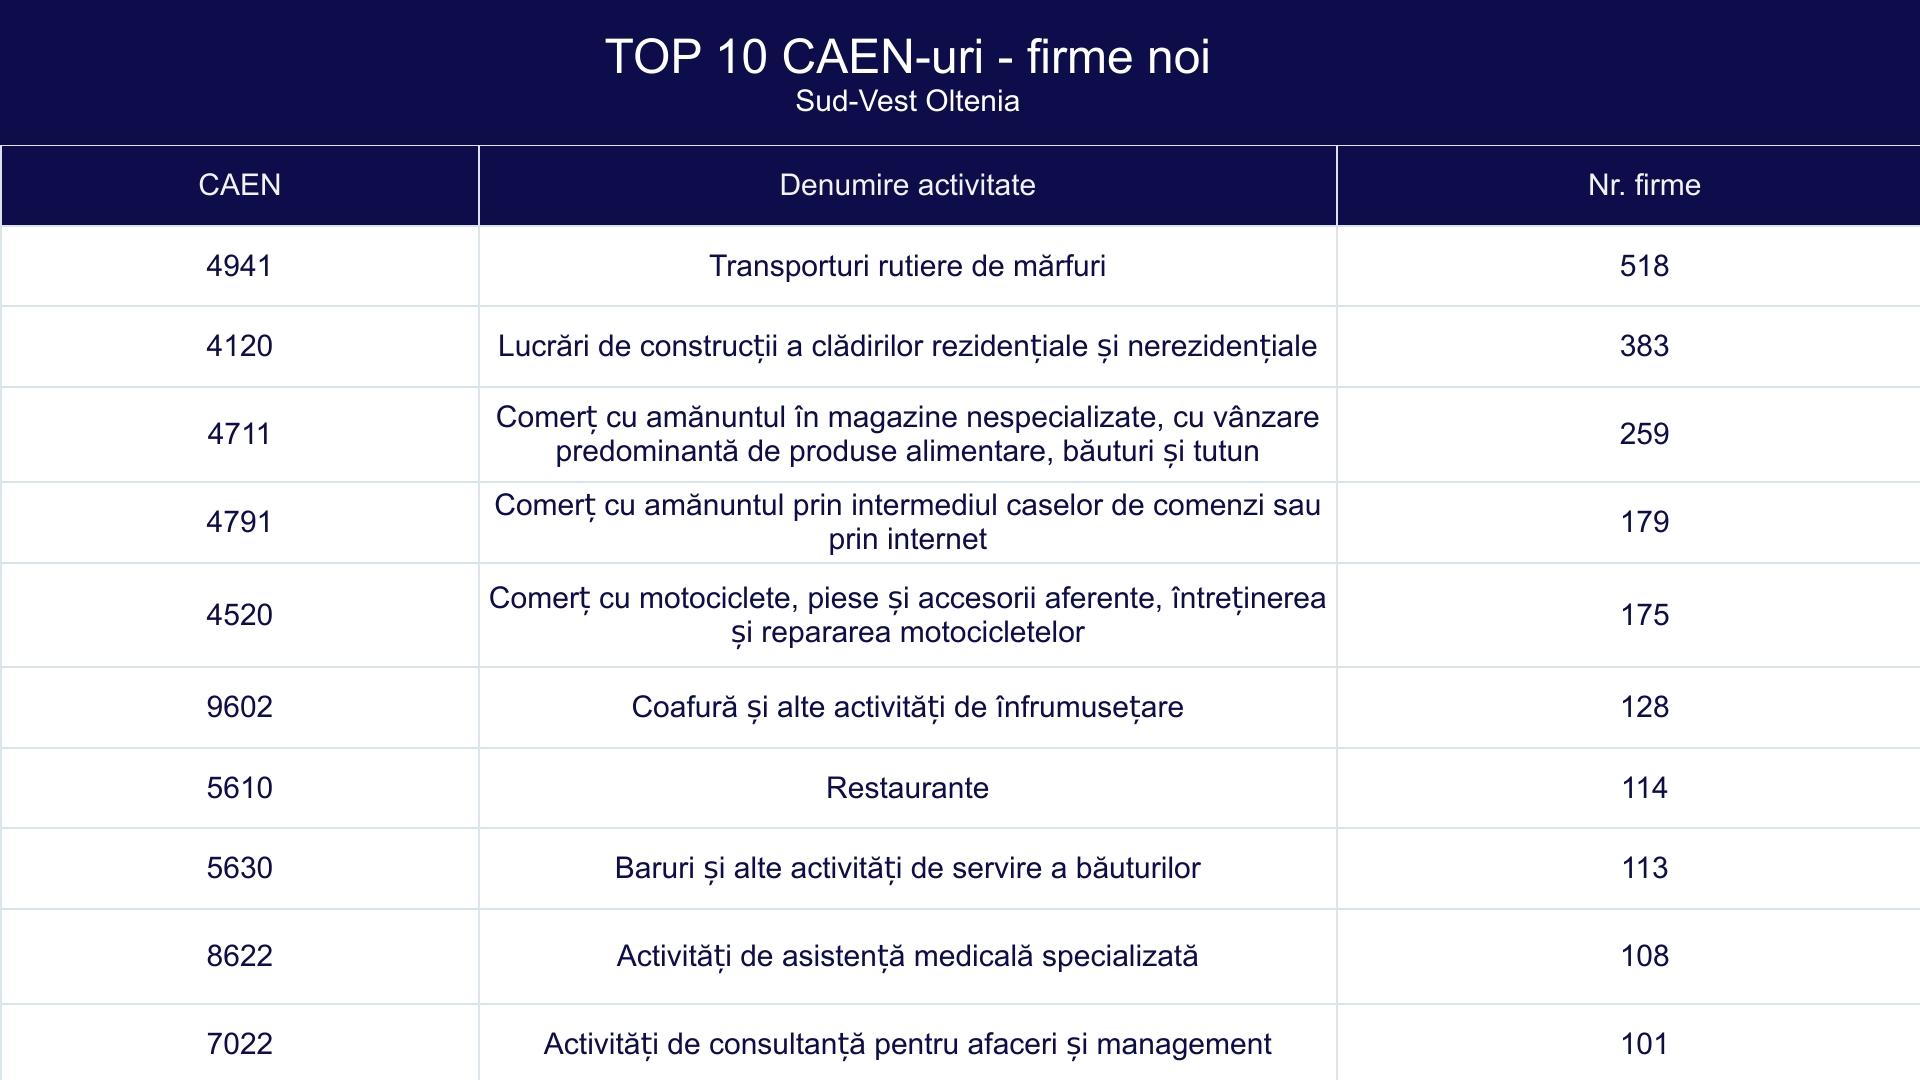 TOP 10 CAEN-uri - firme noi - Sud-Vest Oltenia